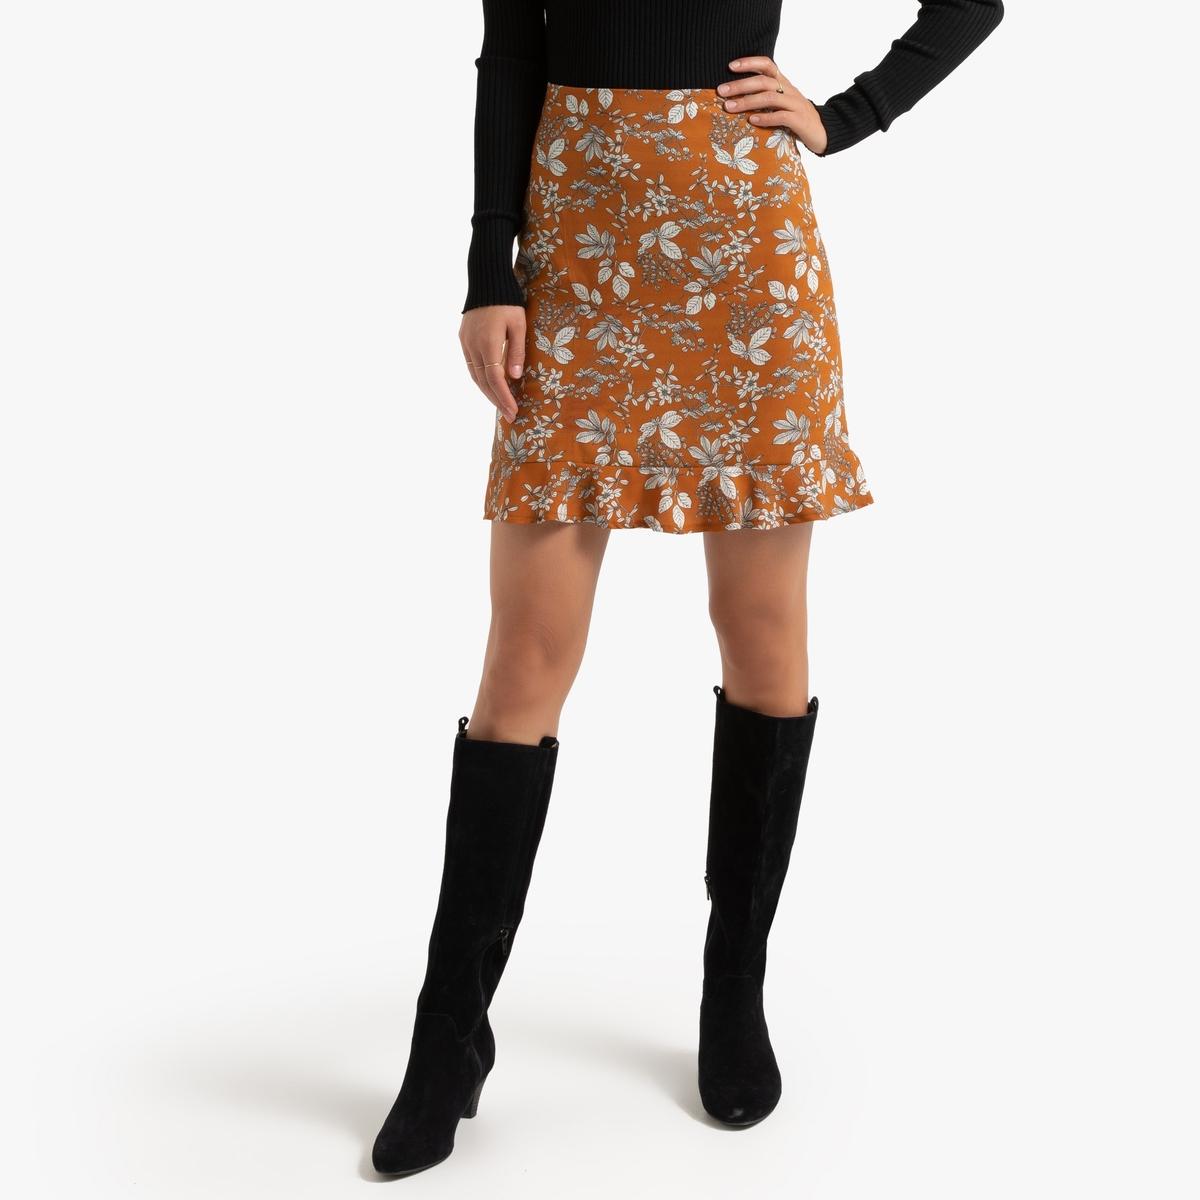 Falda recta con estampado de flores y pequeño volante